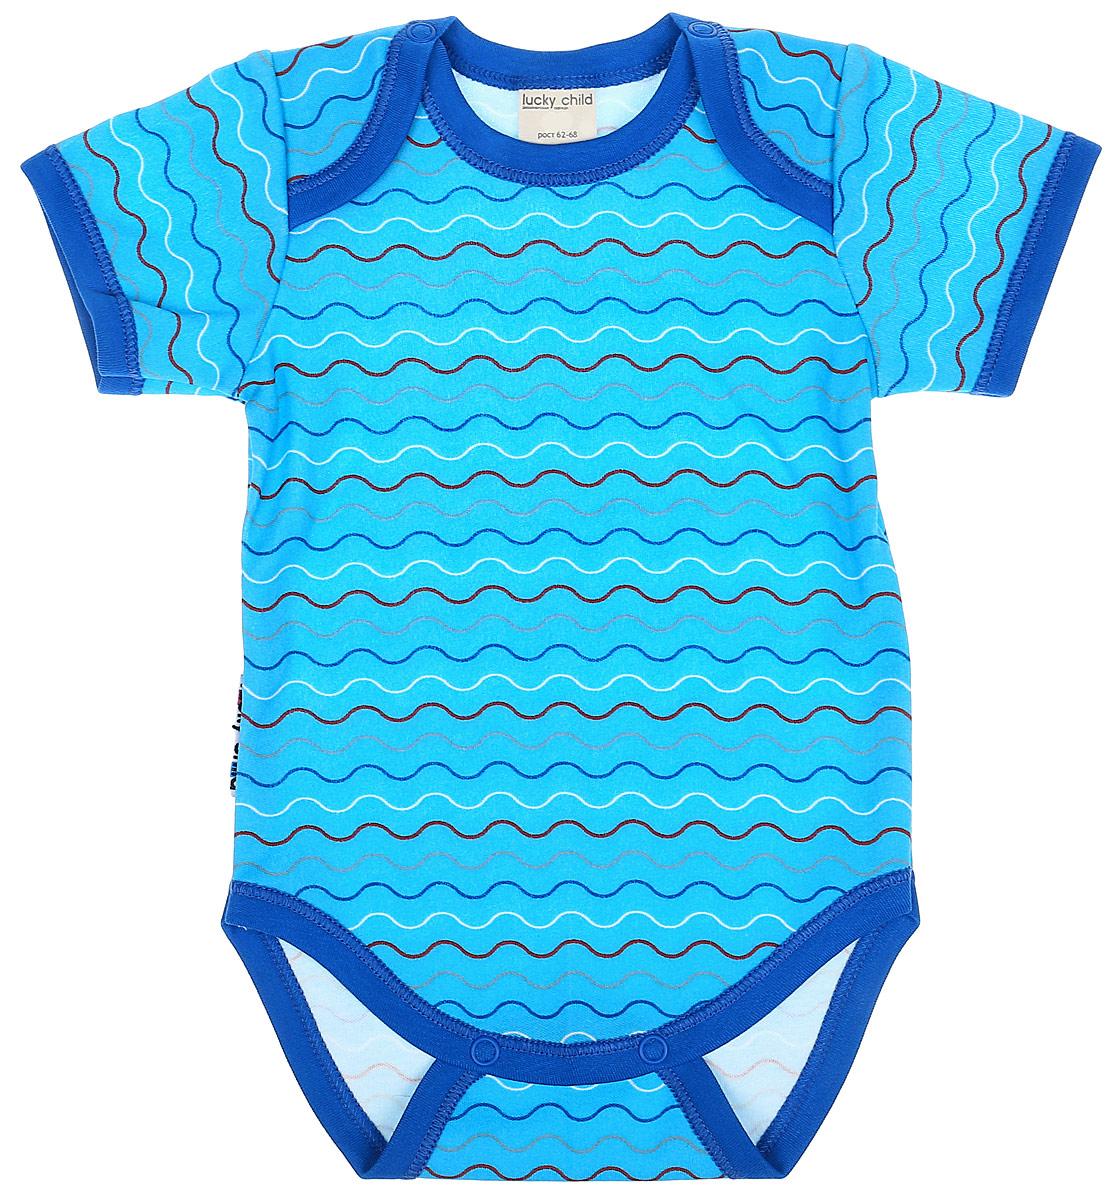 Боди детское Luky Child, цвет: голубой, синий. А5-119. Размер 74/80А5-119Детское боди Lucky Child с короткими рукавами послужит идеальным дополнением к гардеробу малыша в теплое время года, обеспечивая ему наибольший комфорт. Боди изготовлено из натурального хлопка, благодаря чему оно необычайно мягкое и легкое, не раздражает нежную кожу ребенка и хорошо вентилируется, а эластичные швы приятны телу малыша и не препятствуют его движениям. Удобные застежки-кнопки помогают легко переодеть младенца и сменить подгузник. Боди оформлено принтом. Изделие полностью соответствует особенностям жизни малыша в ранний период, не стесняя и не ограничивая его в движениях. В нем ваш ребенок всегда будет в центре внимания.